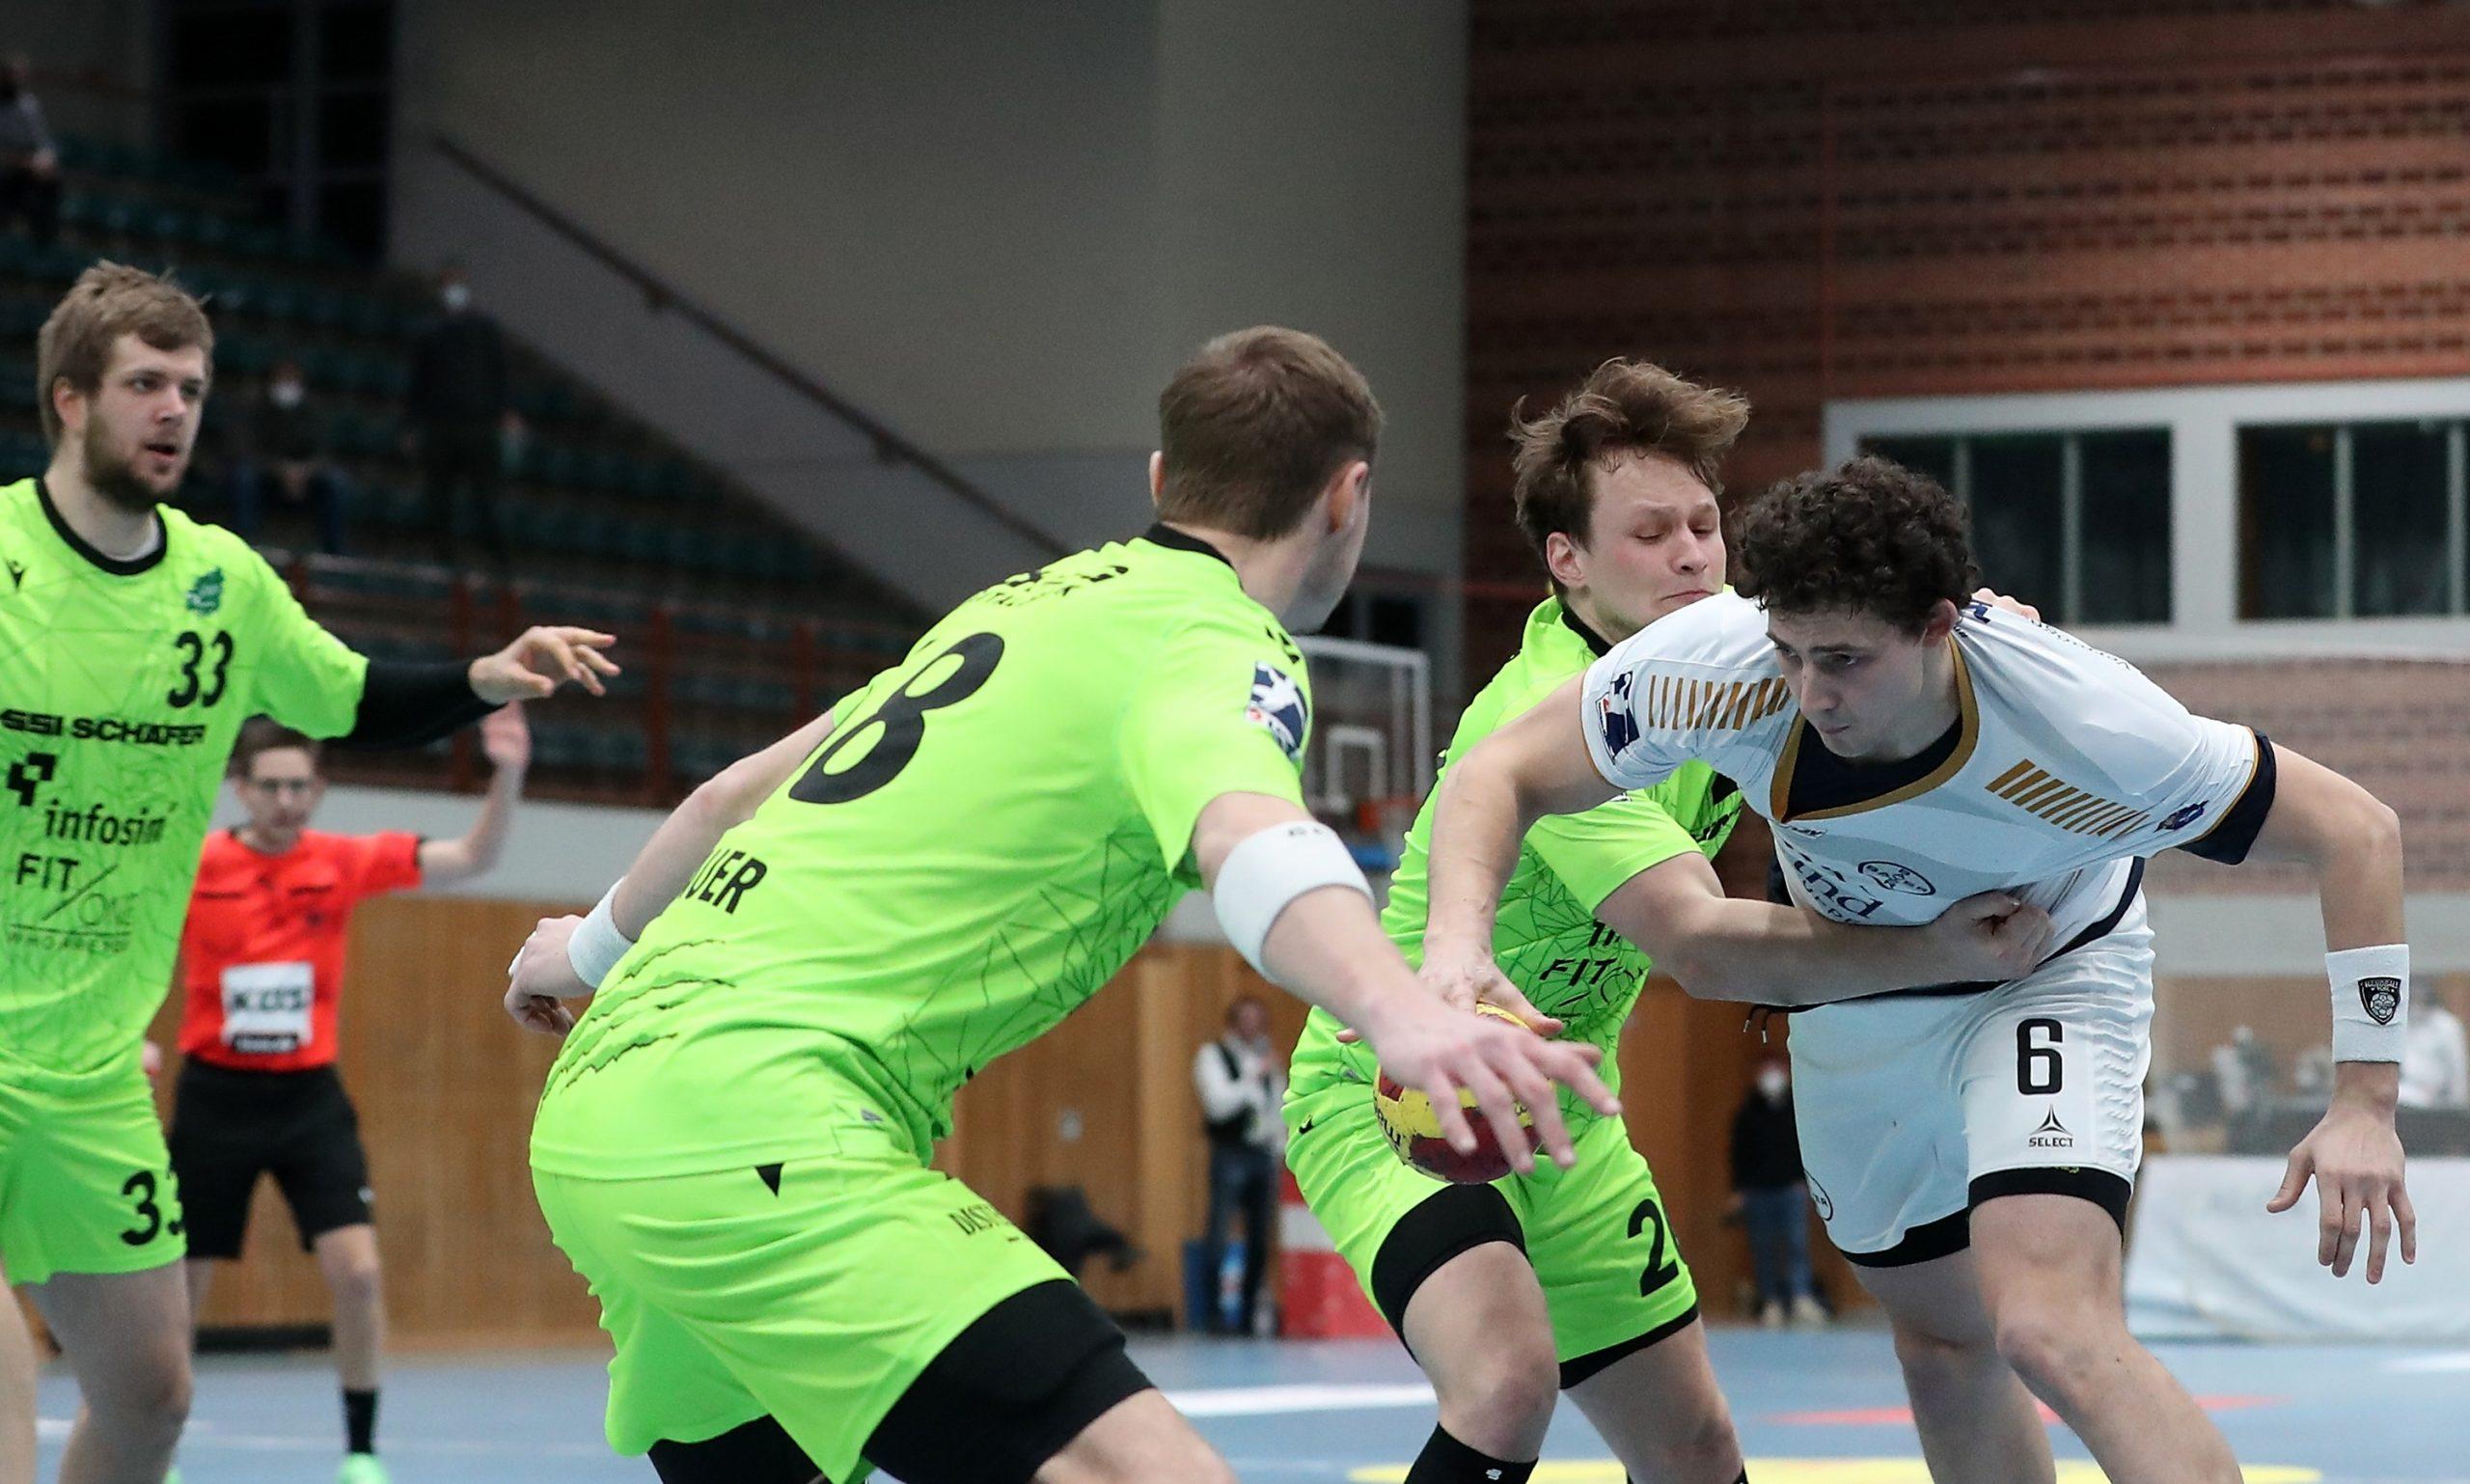 WÖLFE – TSV Bayer Dormagen (23. Februar 2021) – Fotos